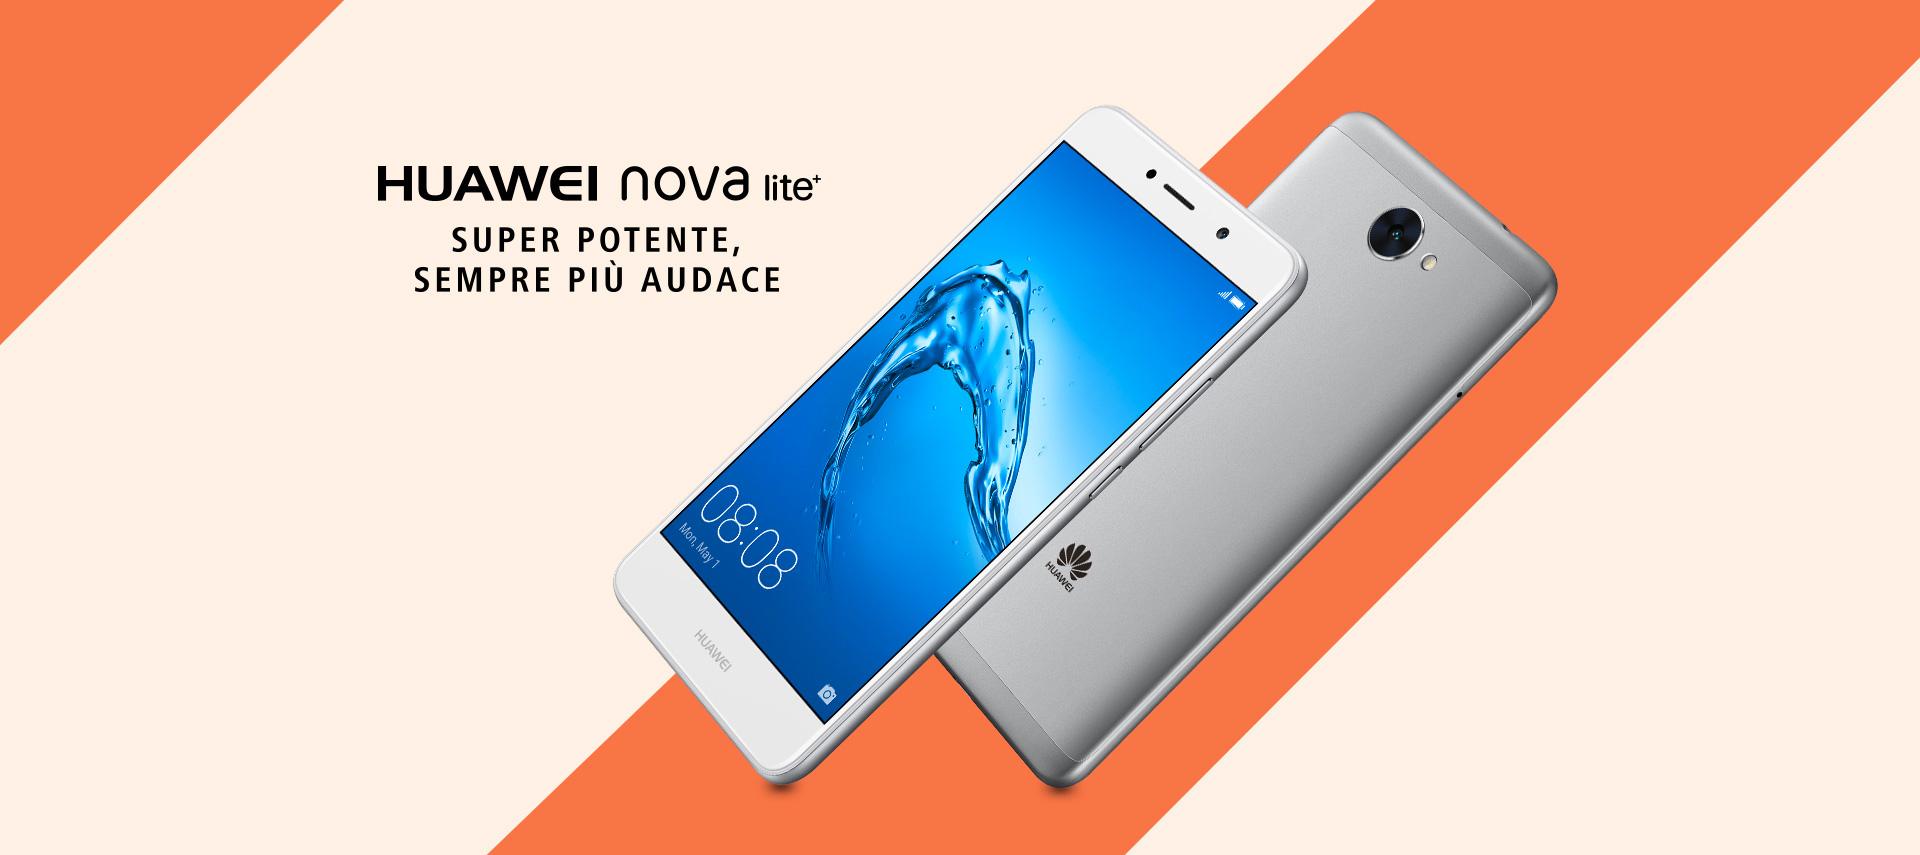 Huawei Nova Lite Smartphone Smartphone Huawei Italy